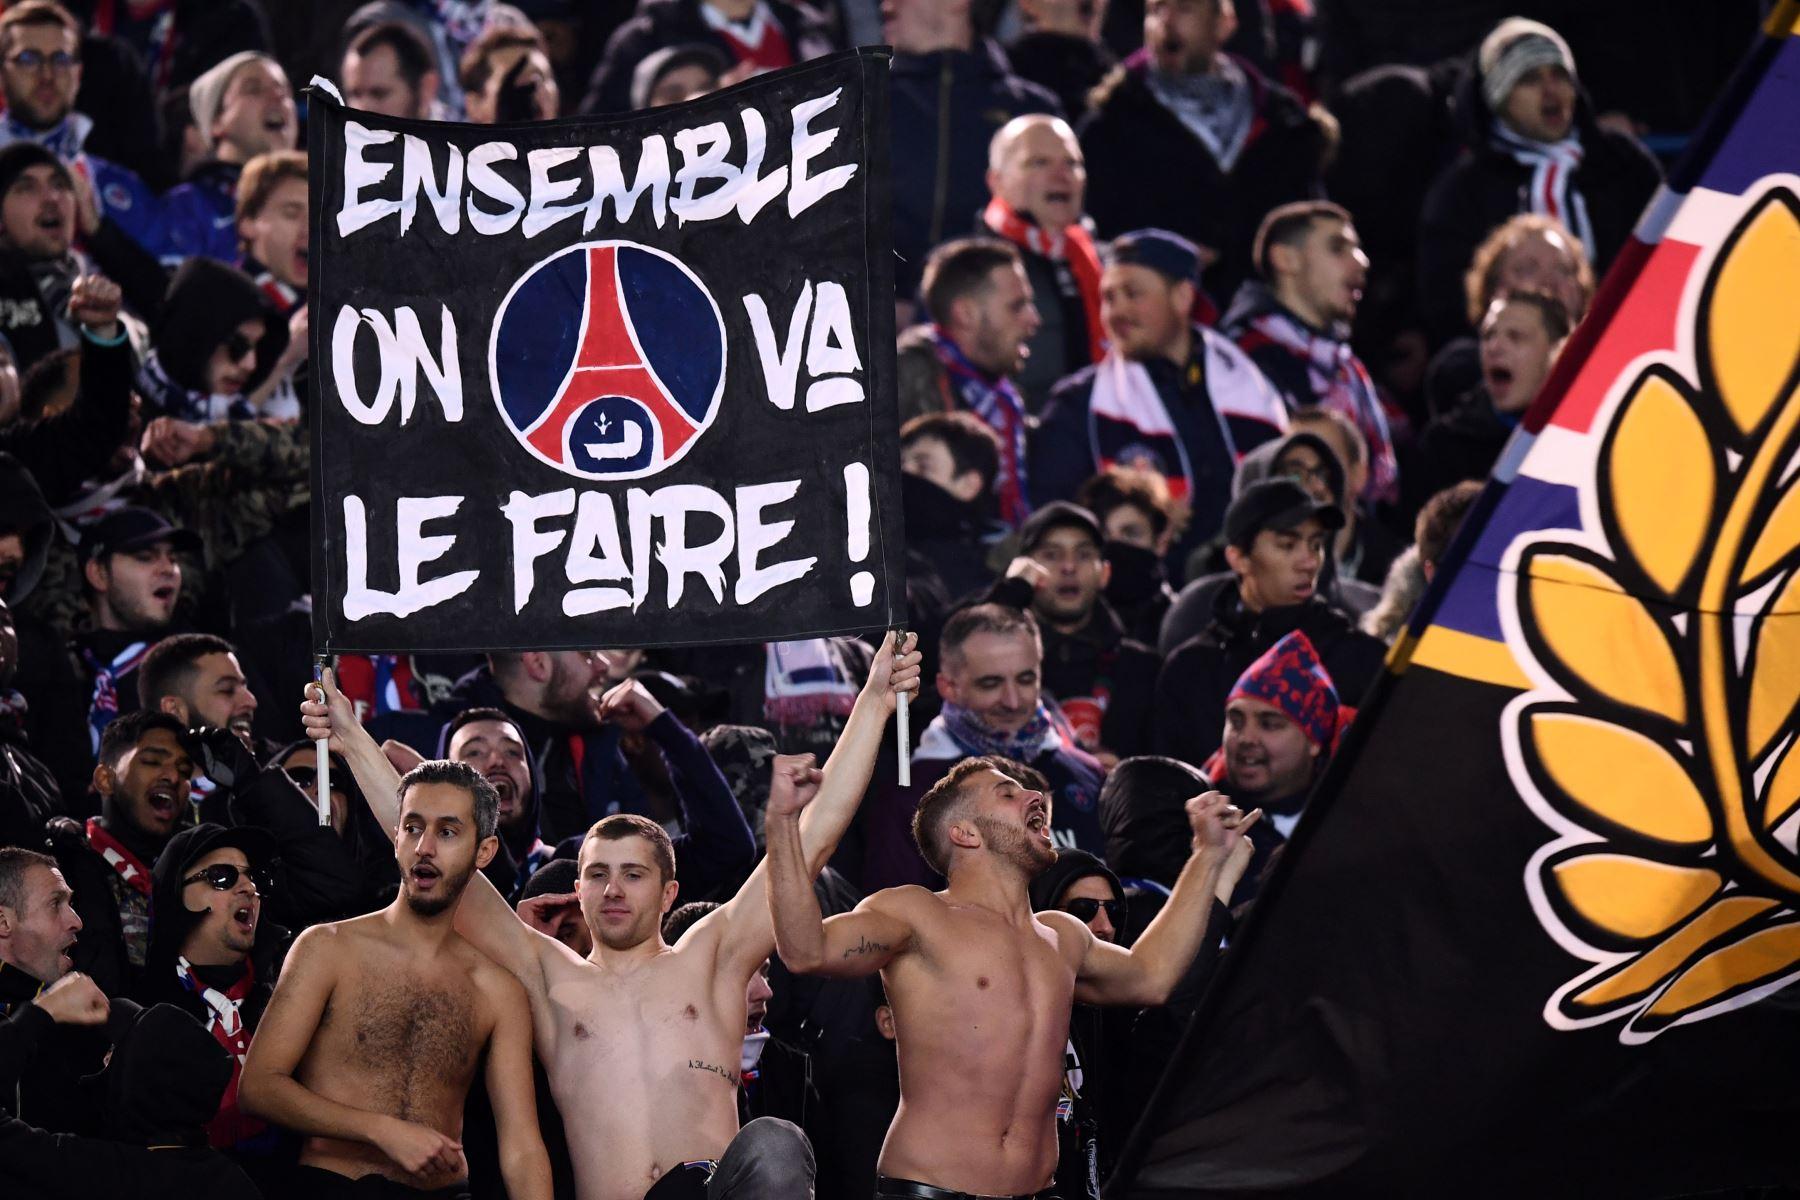 """Partidarios del Paris Saint-Germain sostienen una pancarta que dice """"Juntos lo haremos"""" en la ronda de octavos de final de la Liga de Campeones. Foto: AFP"""